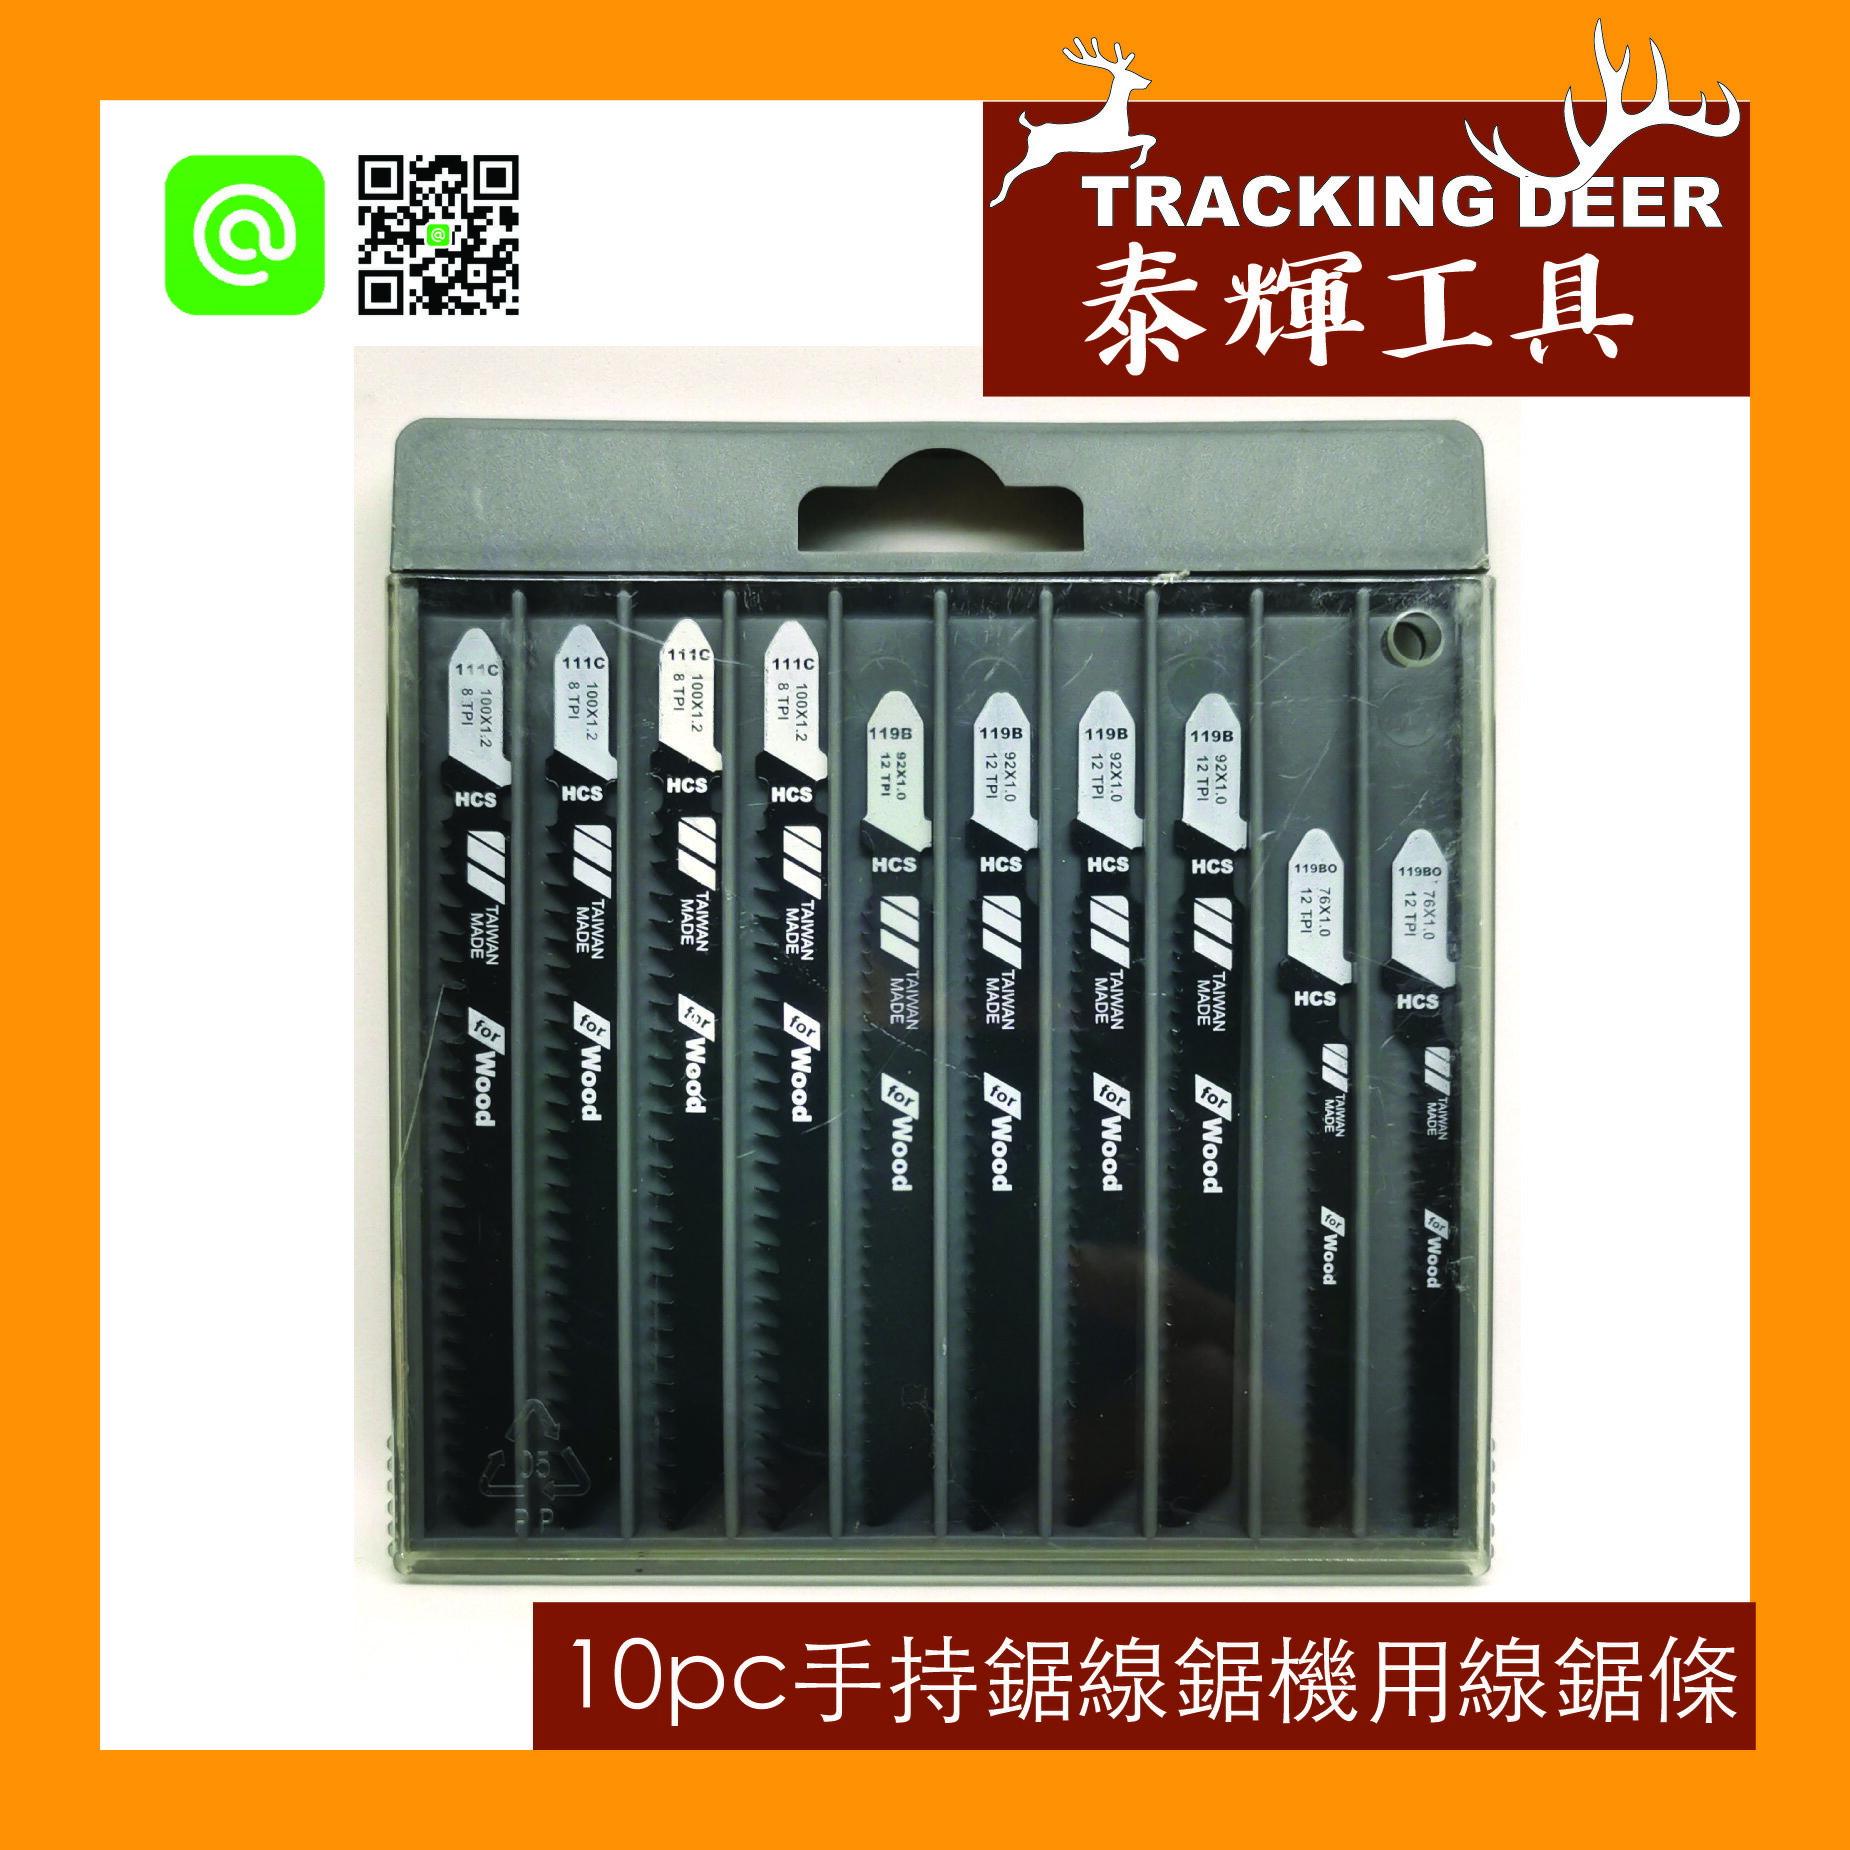 台灣製造 木工用 Bosch規格【10PC 線鋸片組】曲線鋸 手持線鋸機適用(10支/組) JS-1002